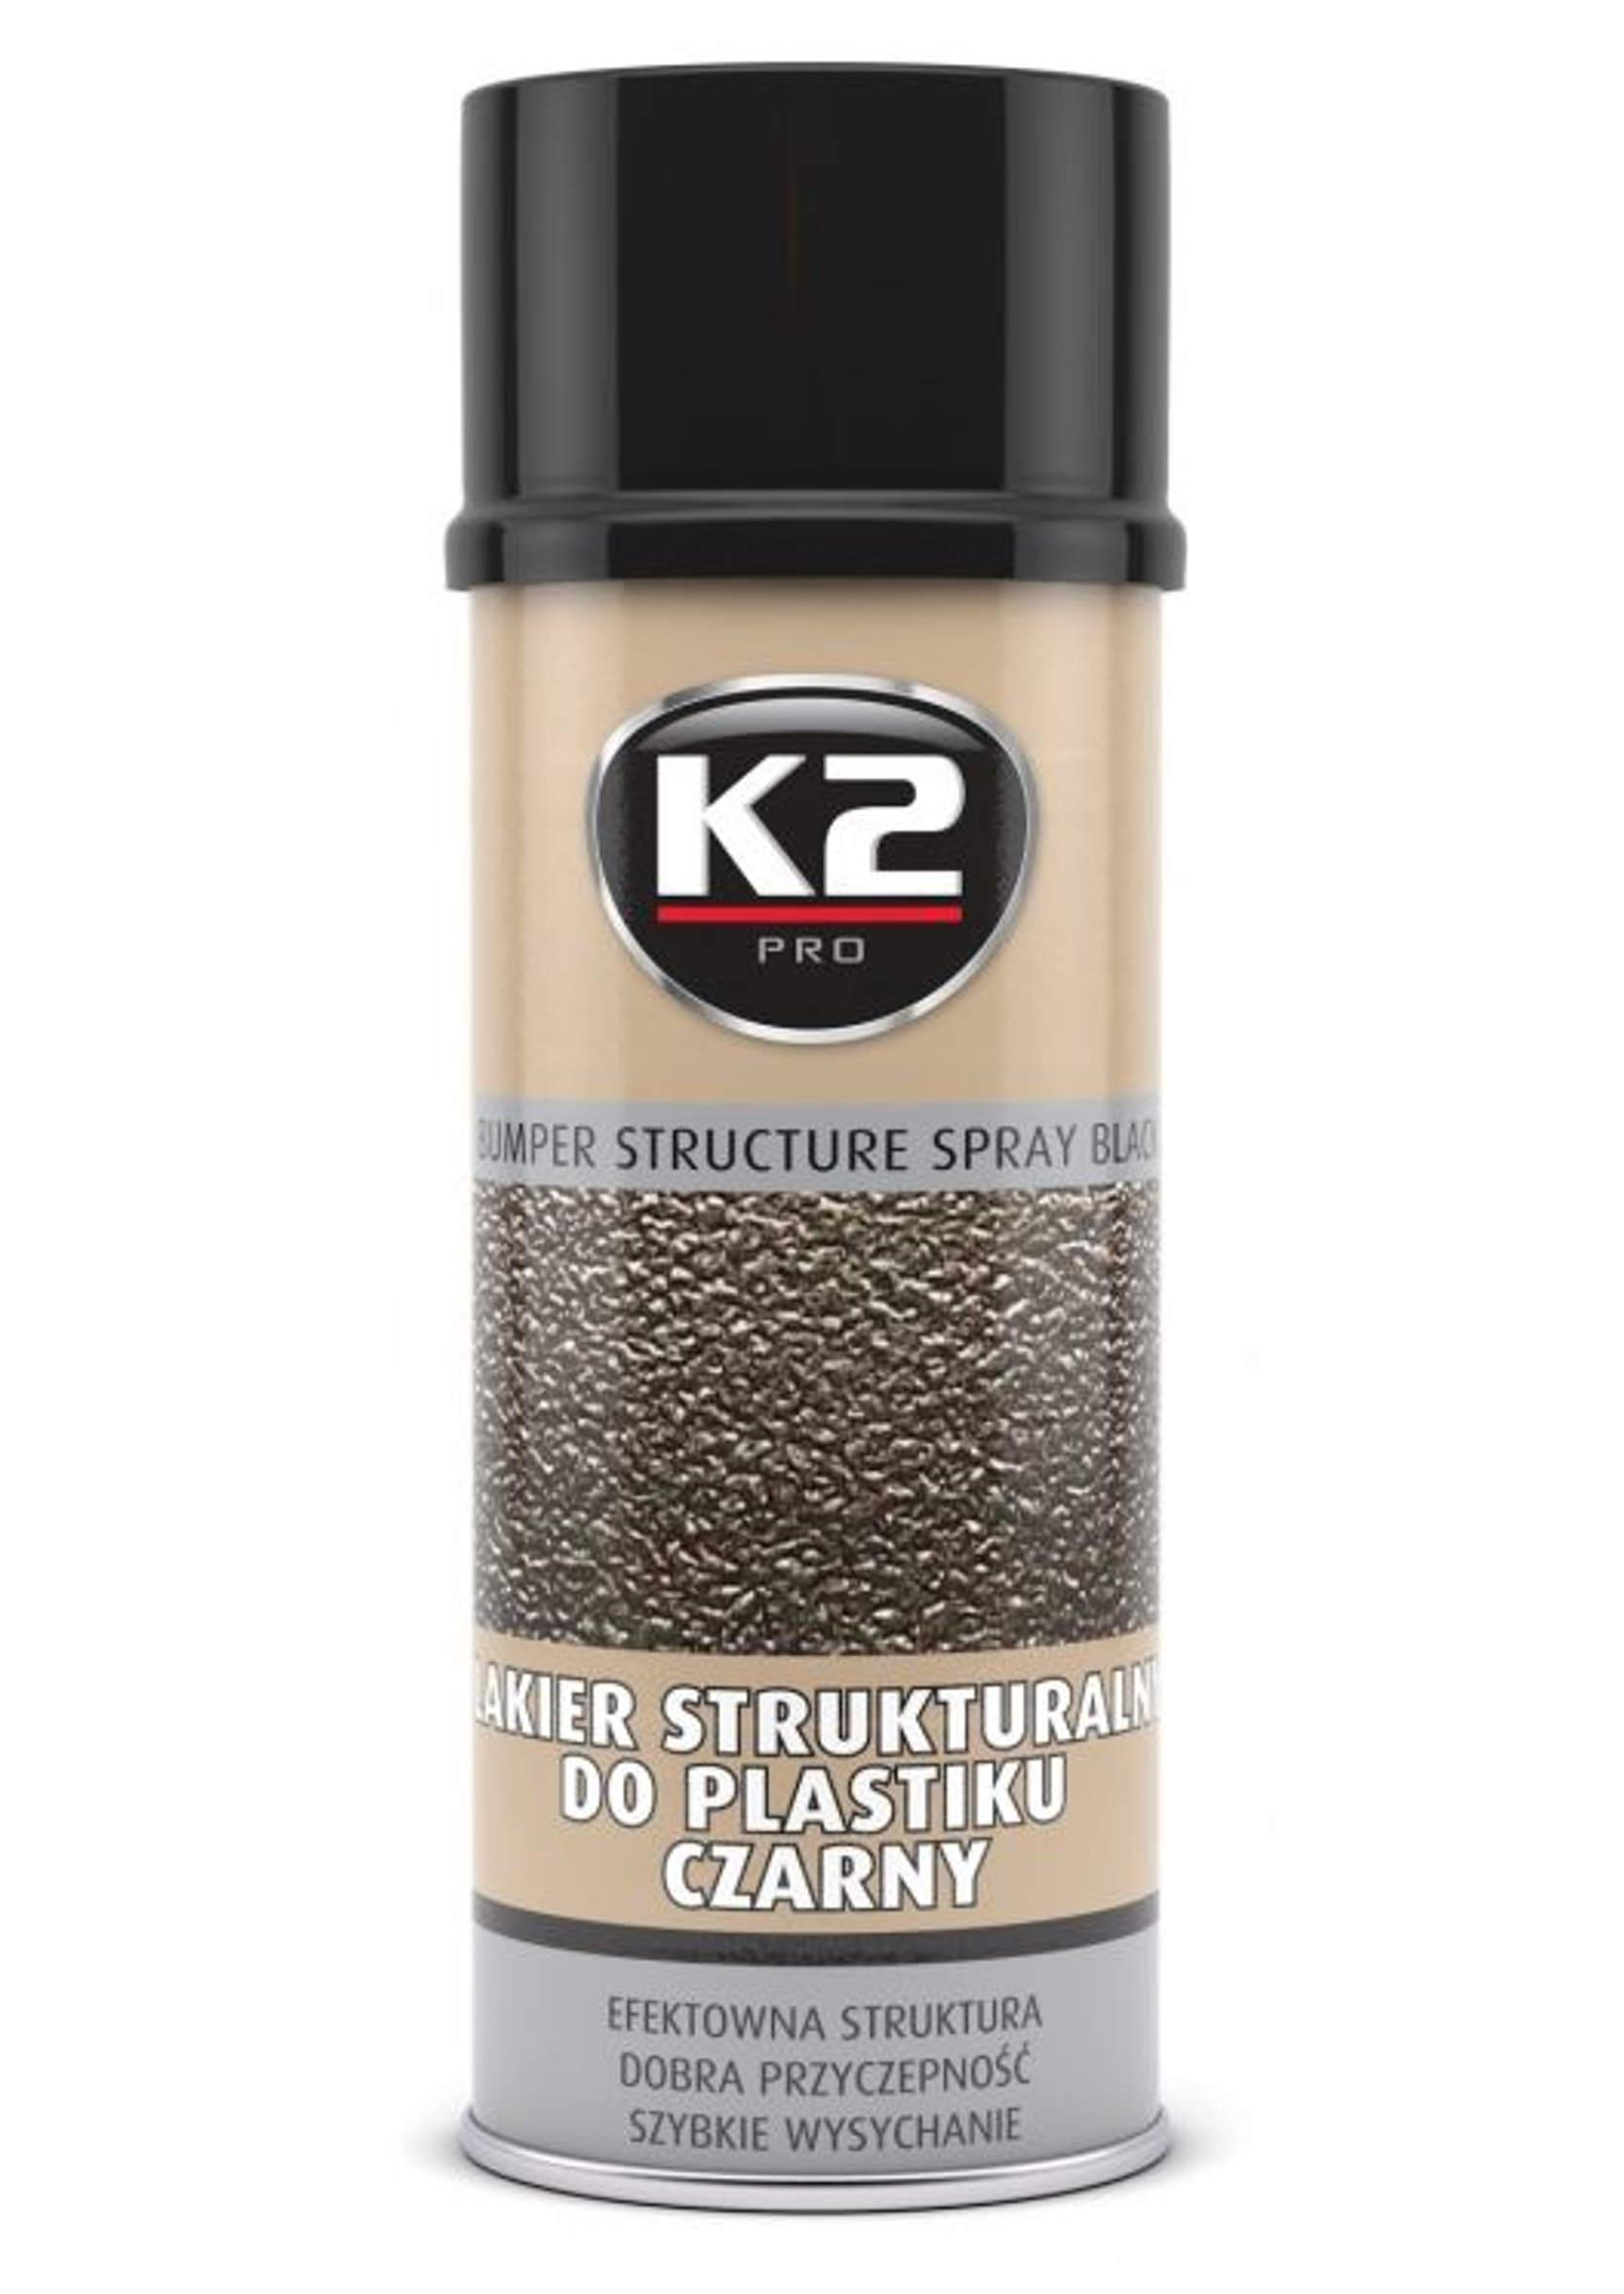 K2 Lakier Strukturalny Czarny do Plastików Zderzaka 400ml